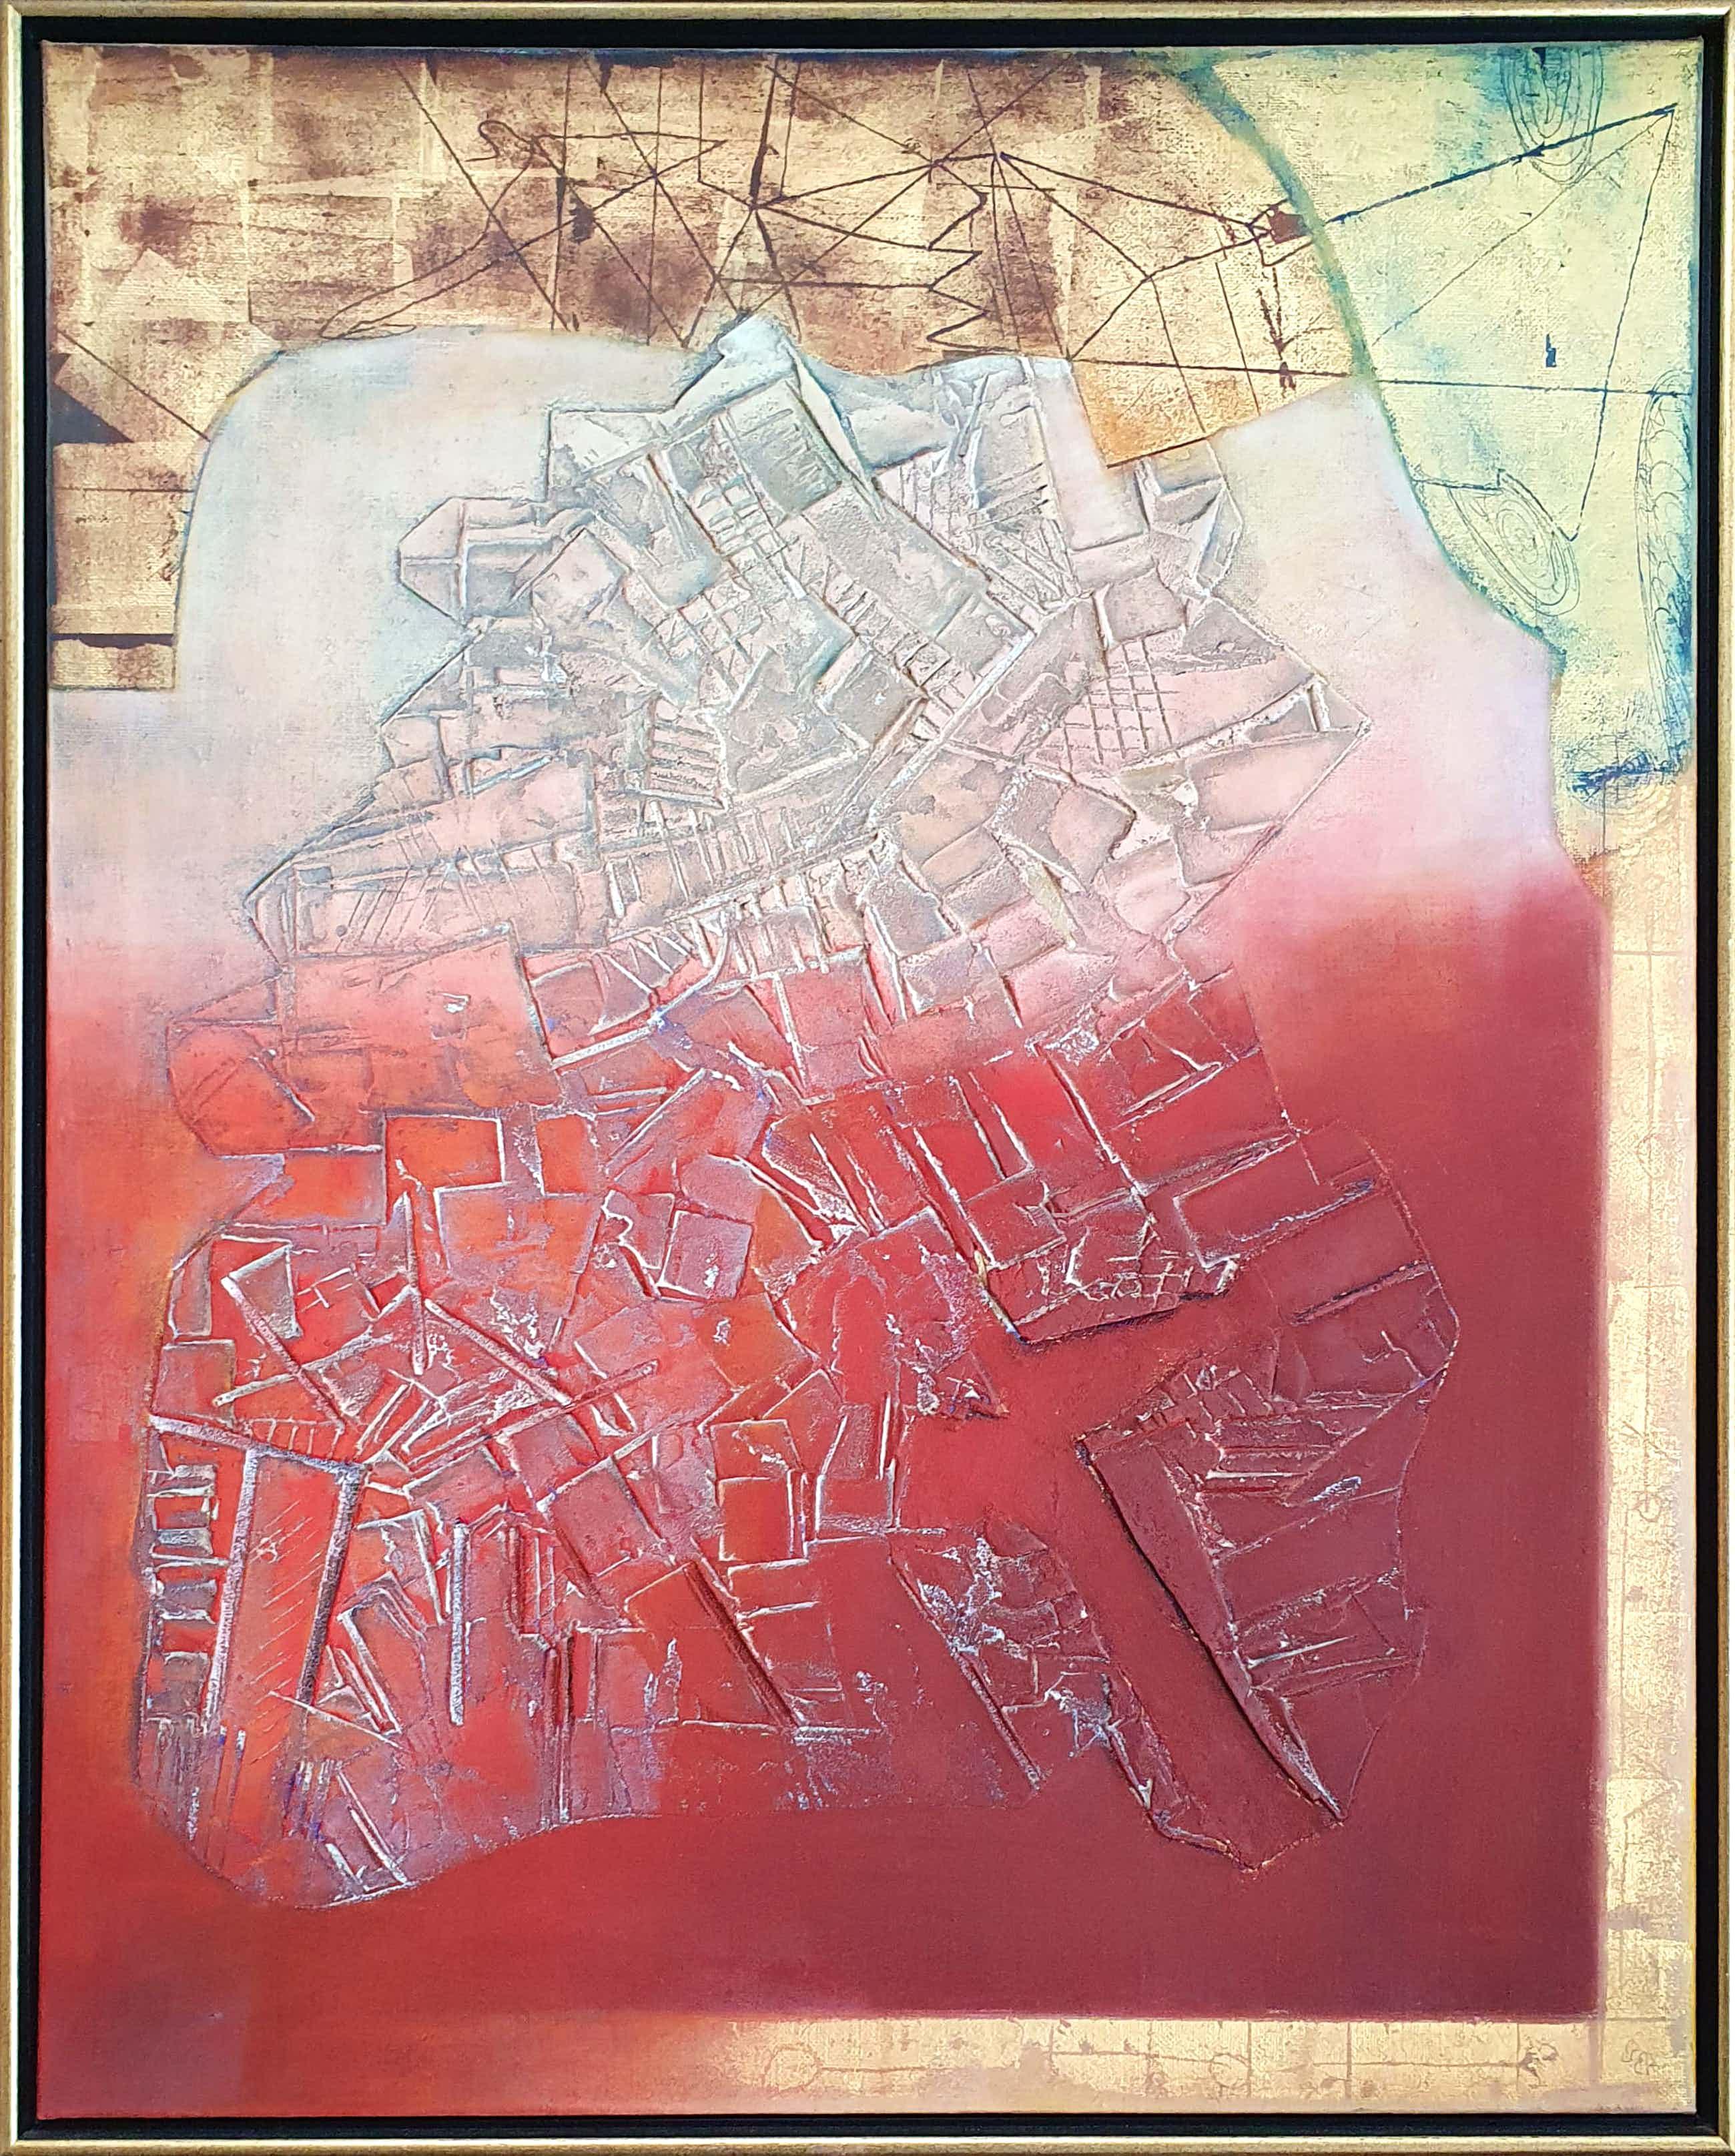 Bert Grotjohann - Abstracte compositie met rood en goud tinten - Ingelijst (Groot) kopen? Bied vanaf 200!